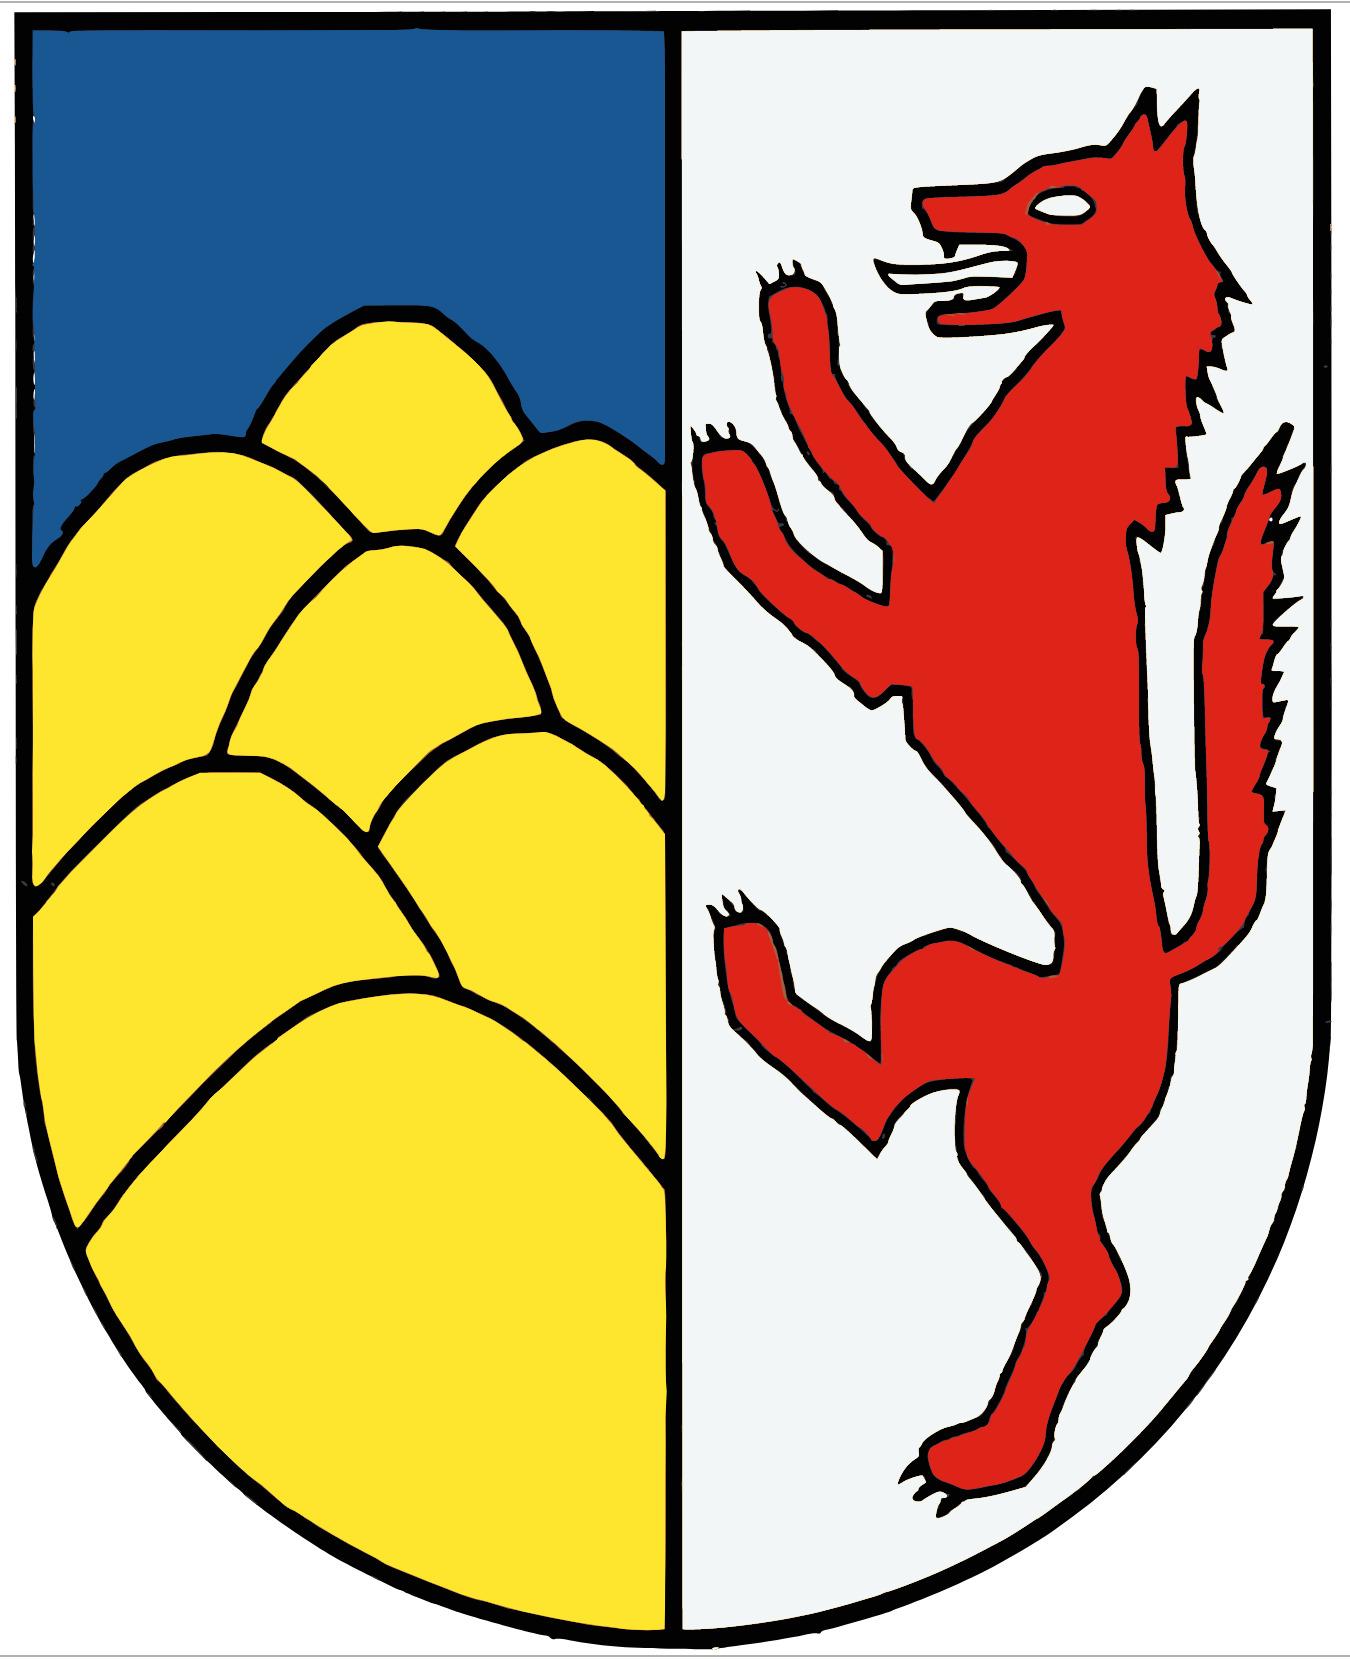 Wappen Langenlebarn